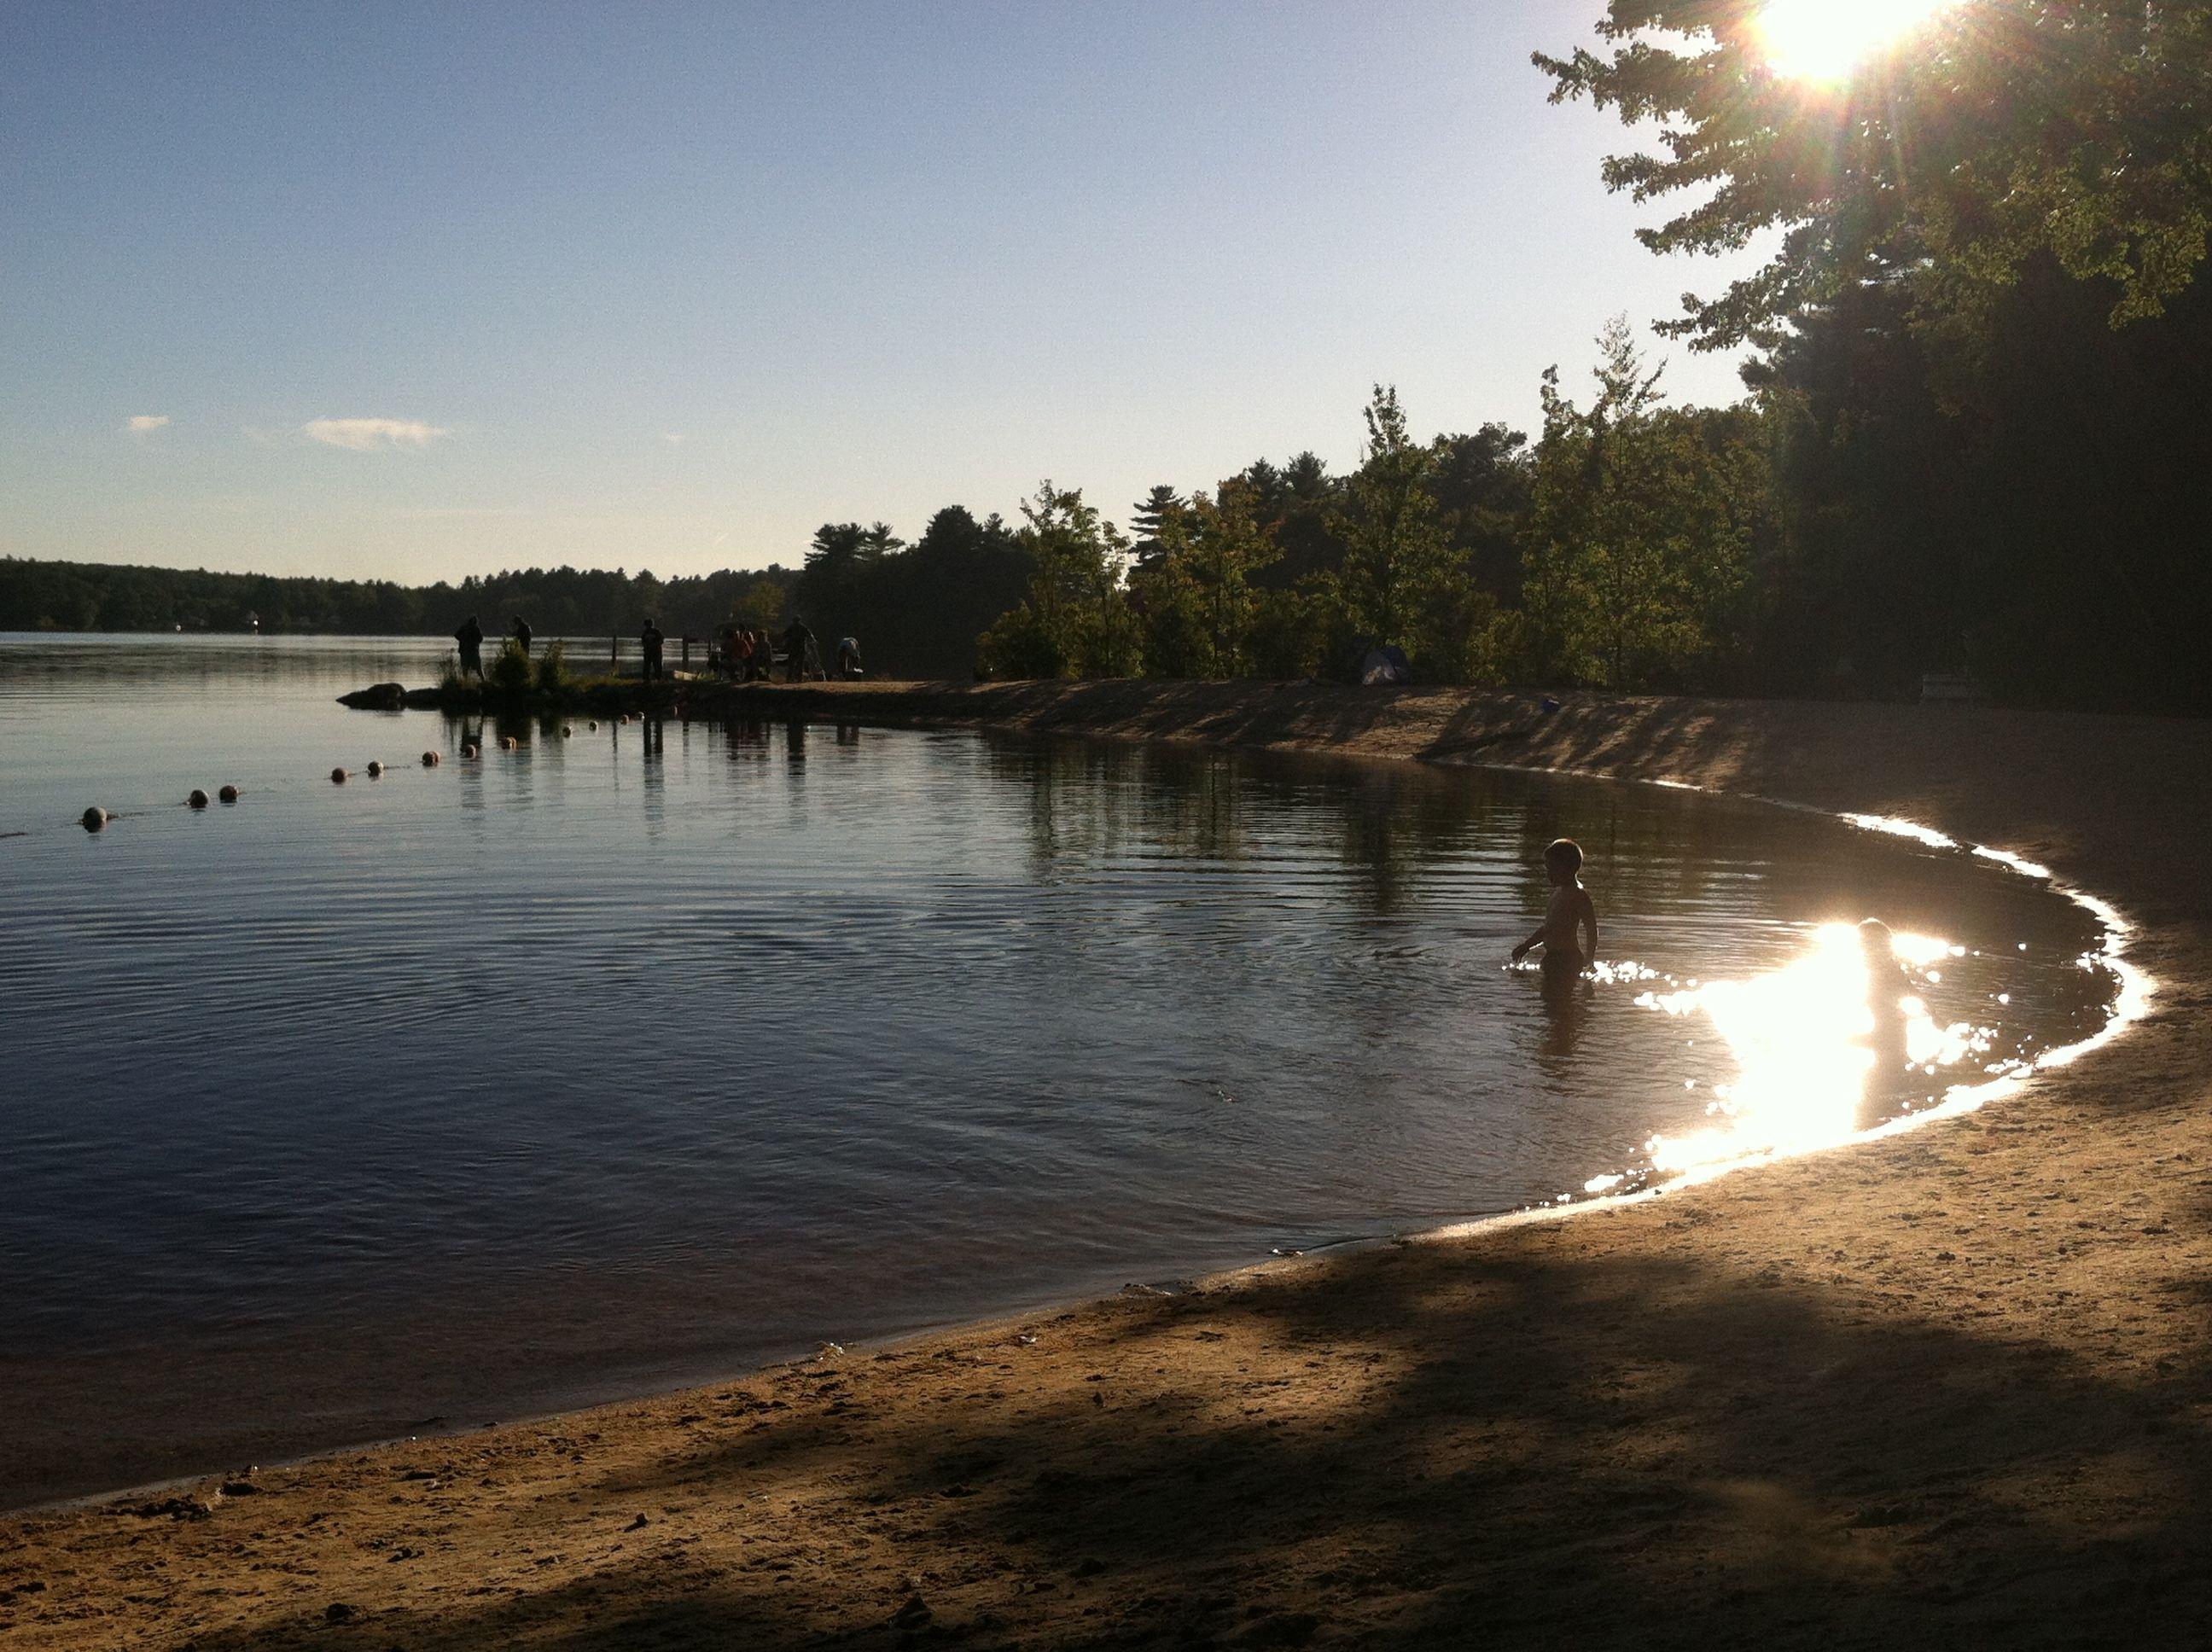 #camping #bowdishlake #harmony #rhode island